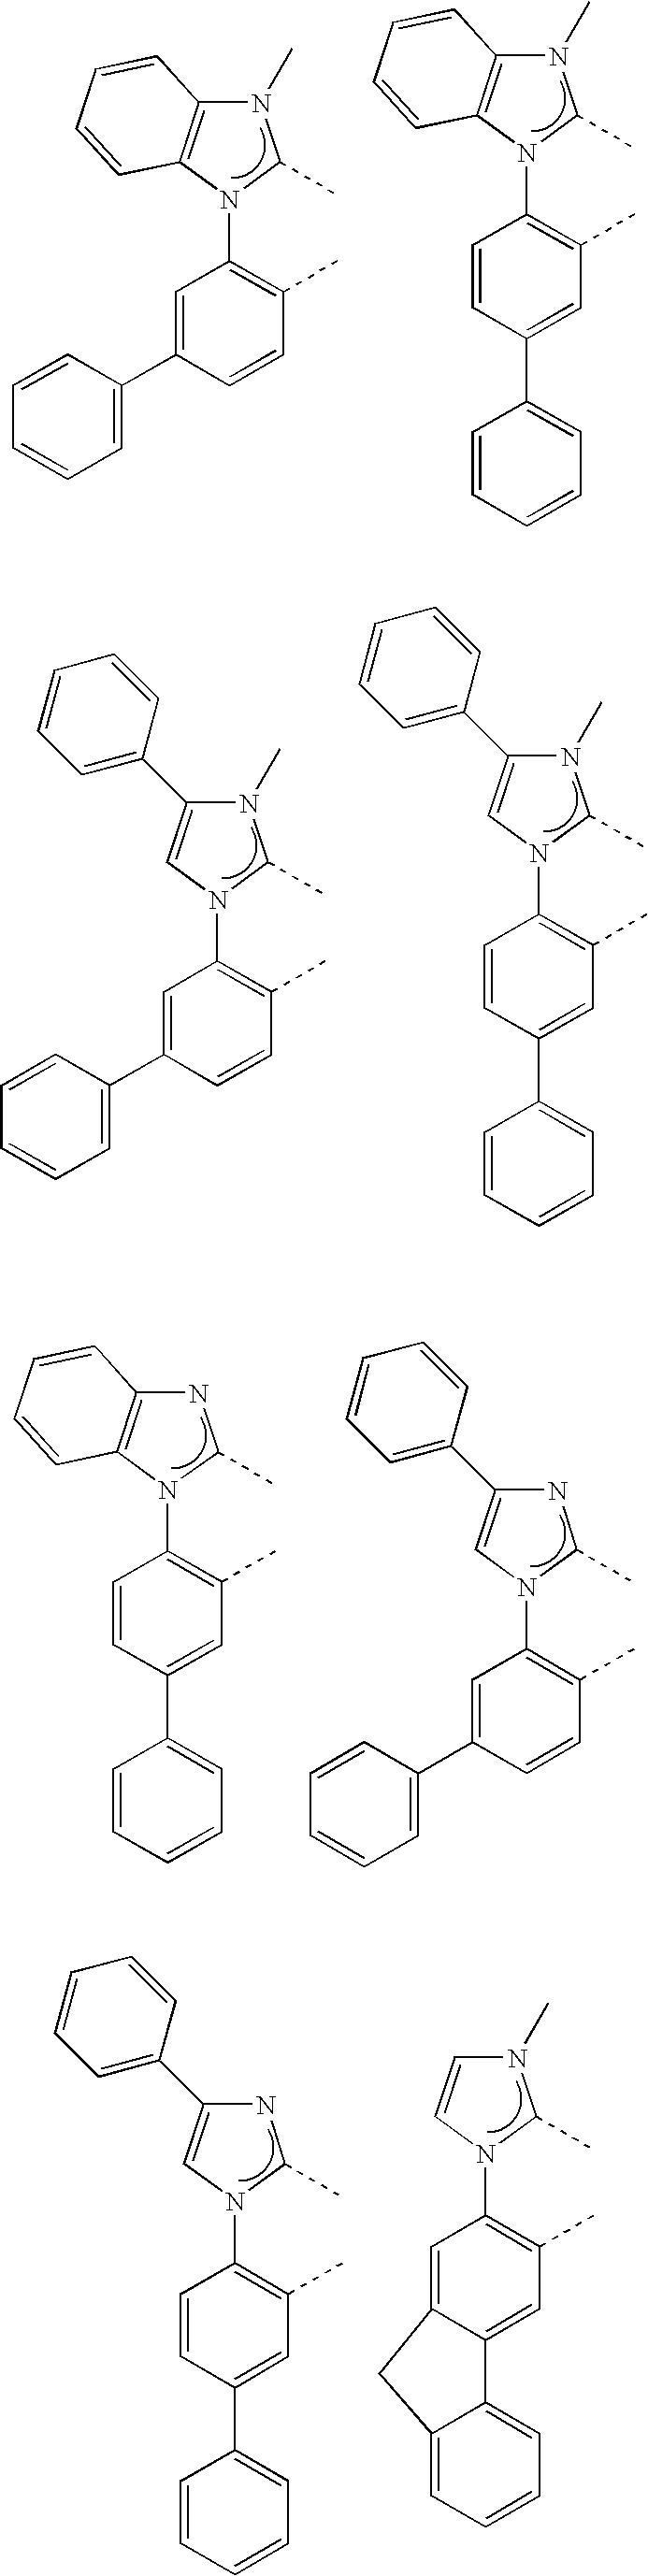 Figure US20090140640A1-20090604-C00035